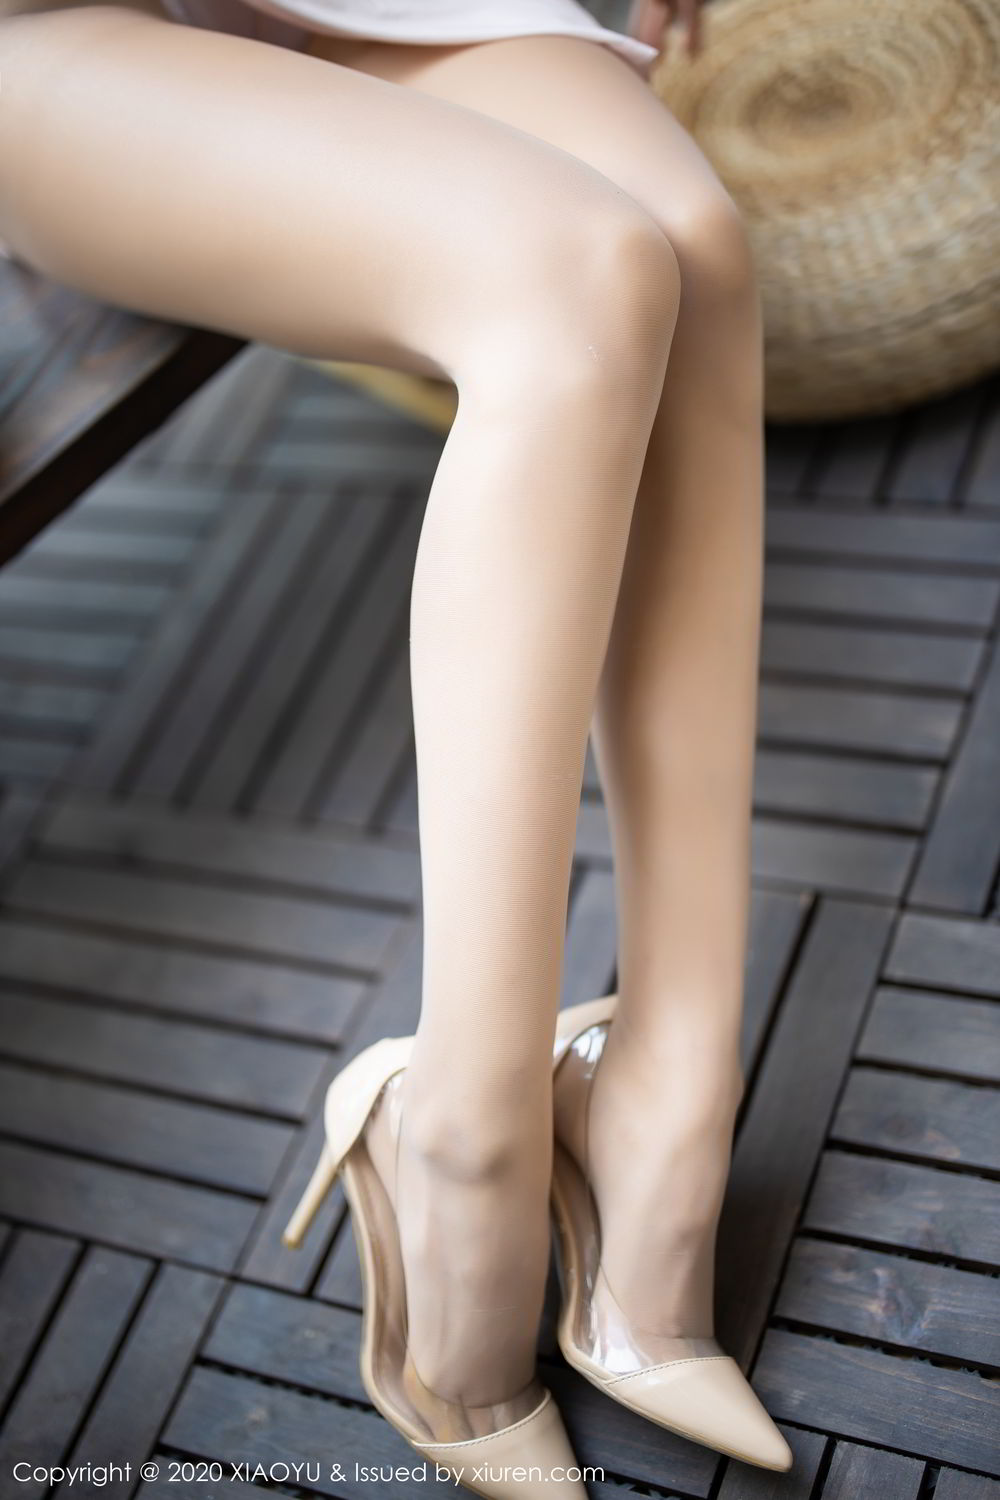 [XiaoYu] Vol.269 Lan Xia Akasha 20P, Liu Yi Lei, Tall, Underwear, XiaoYu